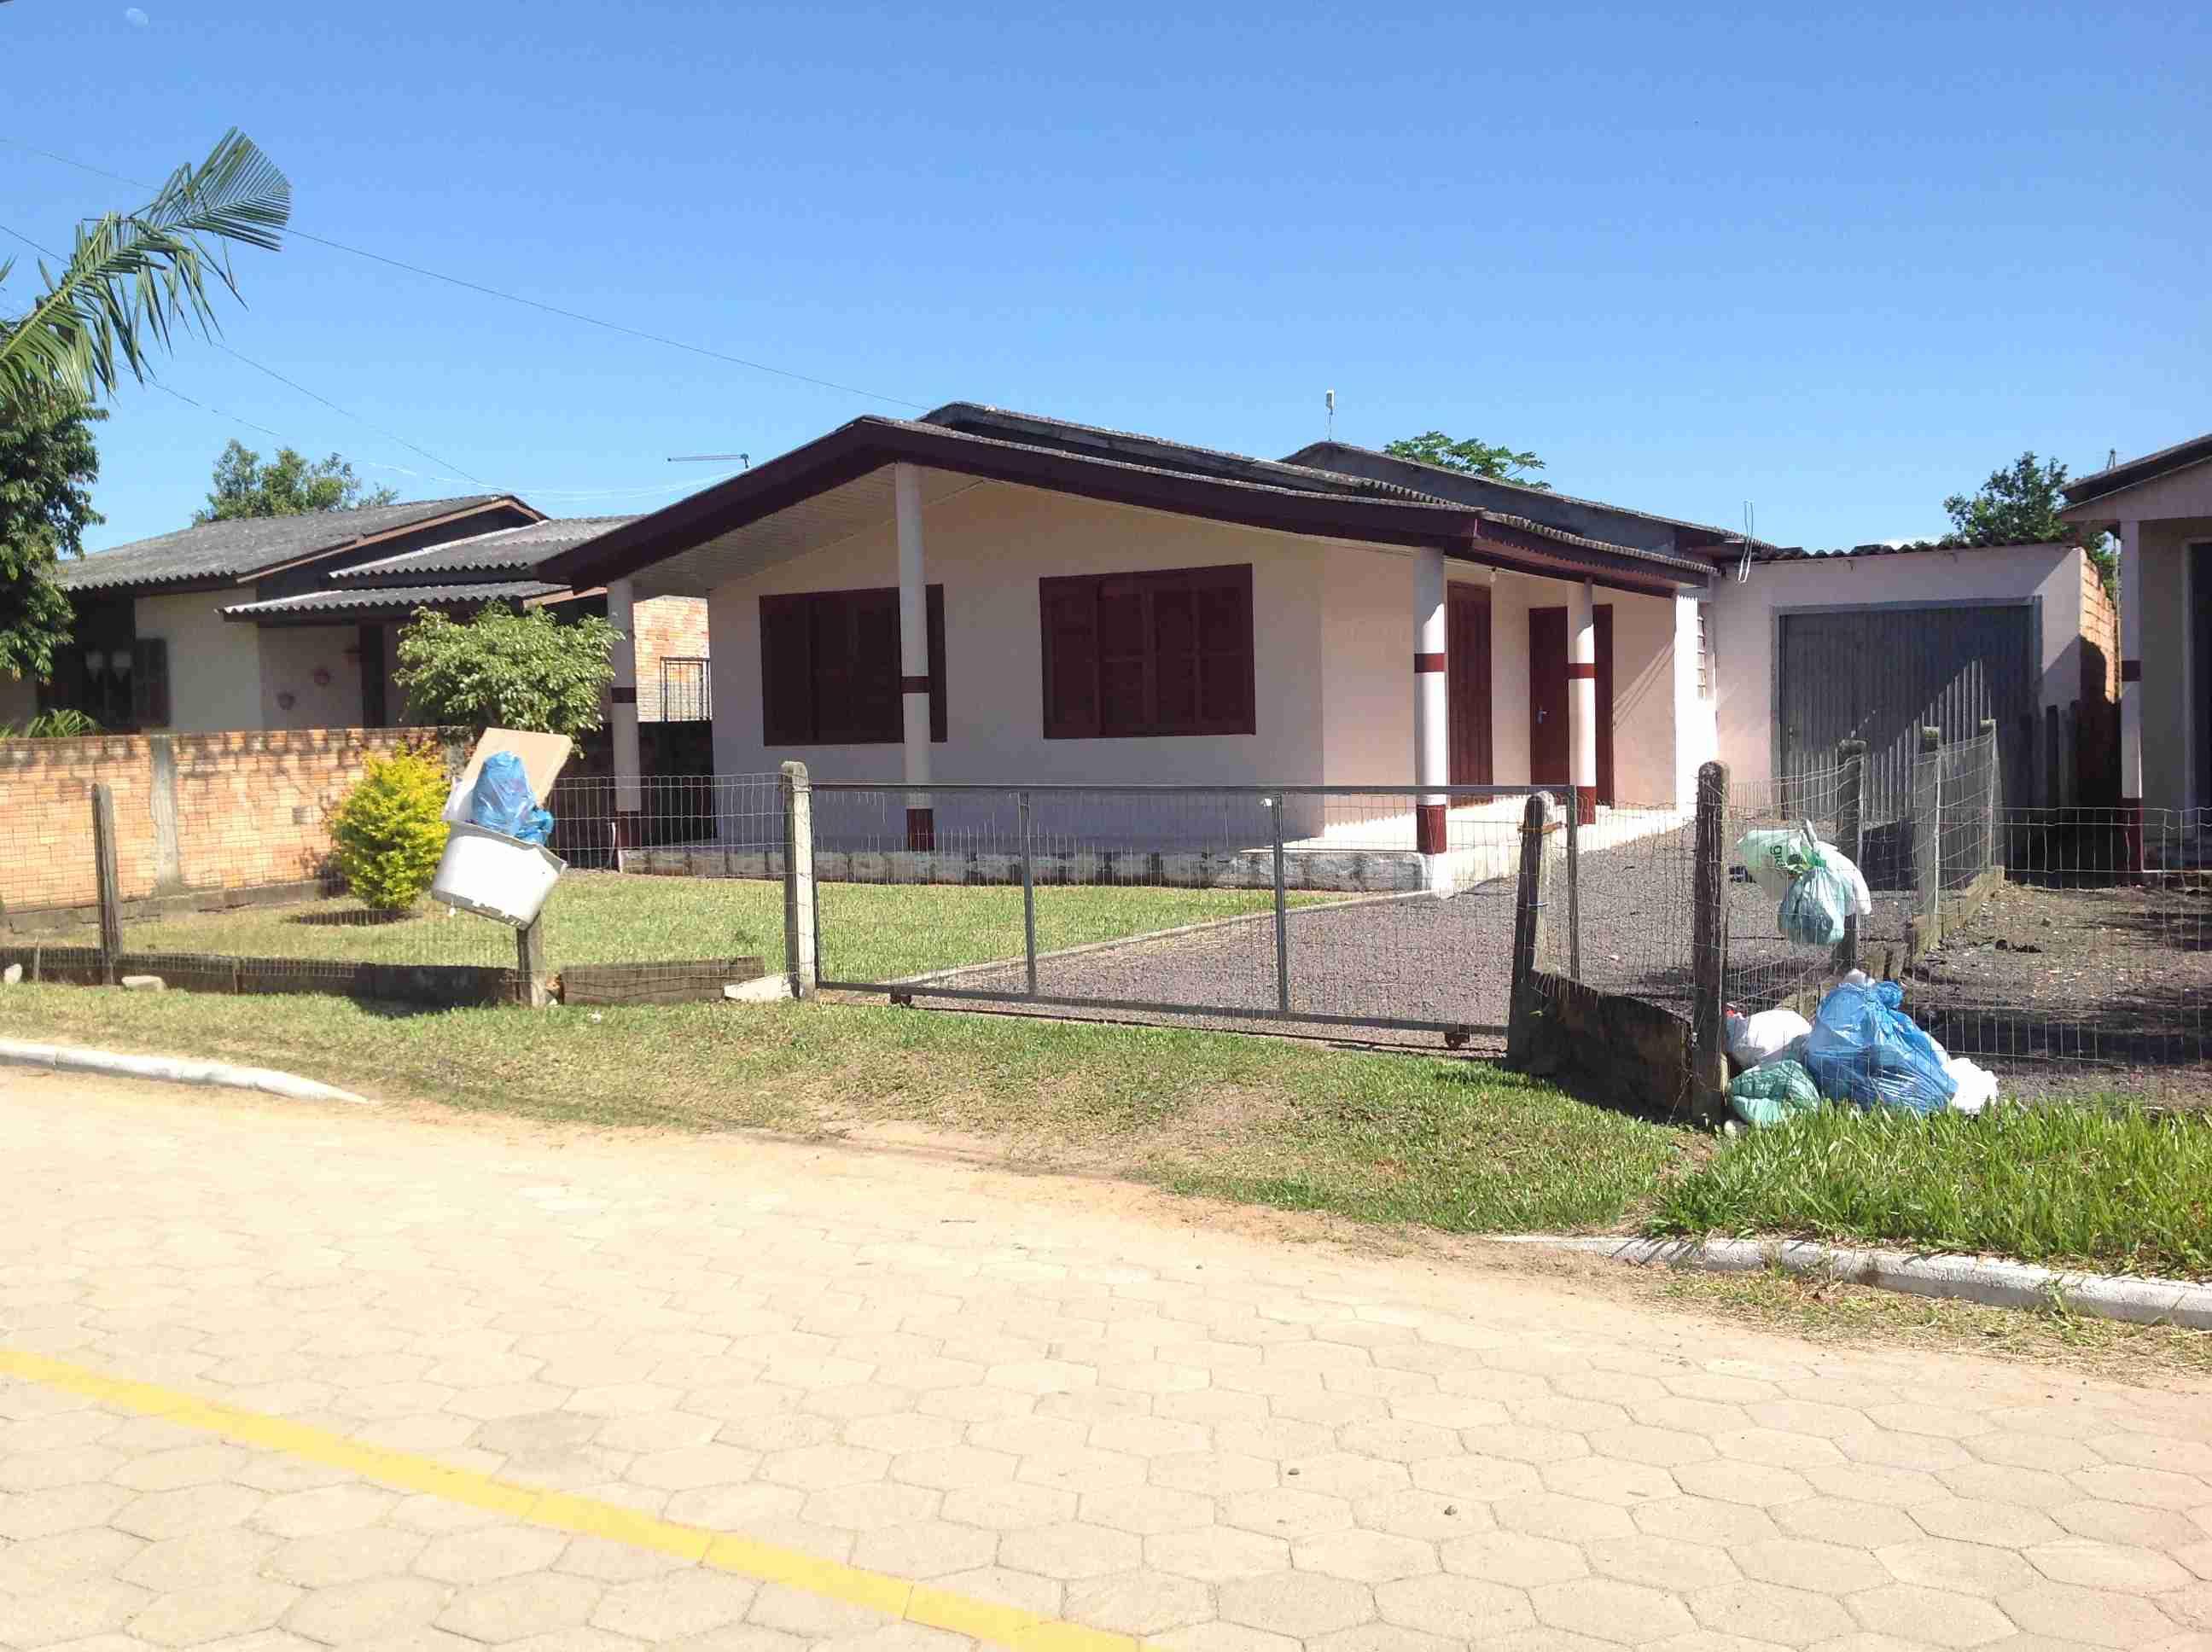 Casa material (091) 8×16:128m2, 3 quartos,sala,cosinha,área  de serviço,banheiro,garagem,lote 12.7X31.1:394m2